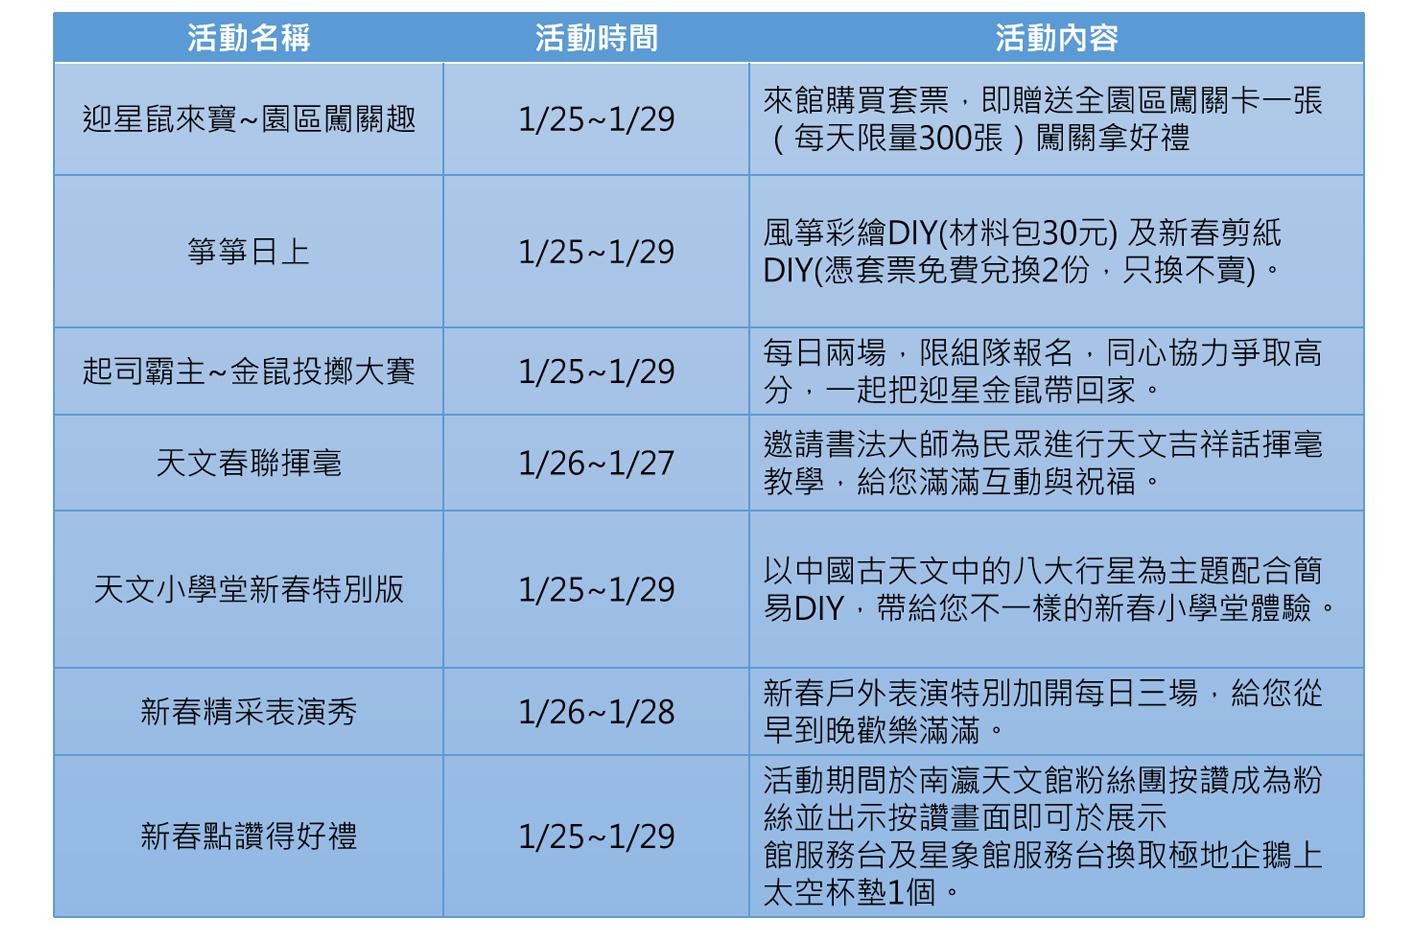 南瀛天文館春節系列活動。圖:新頭殼/製表